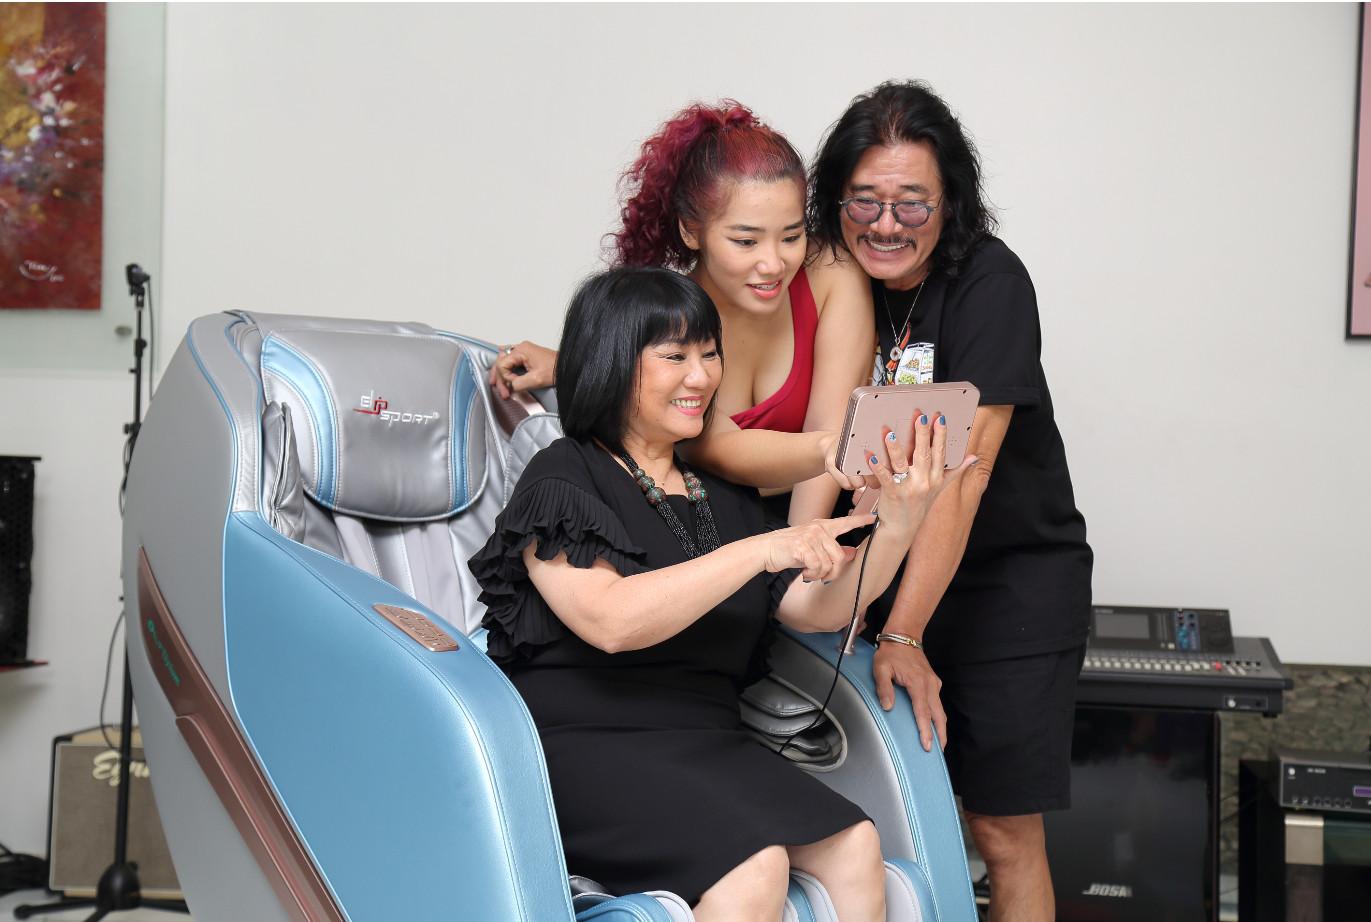 Danh ca Cẩm Vân cùng chồng Khắc triệu mua ghế massage ELIP Elysium về biệt phủ triệu đô